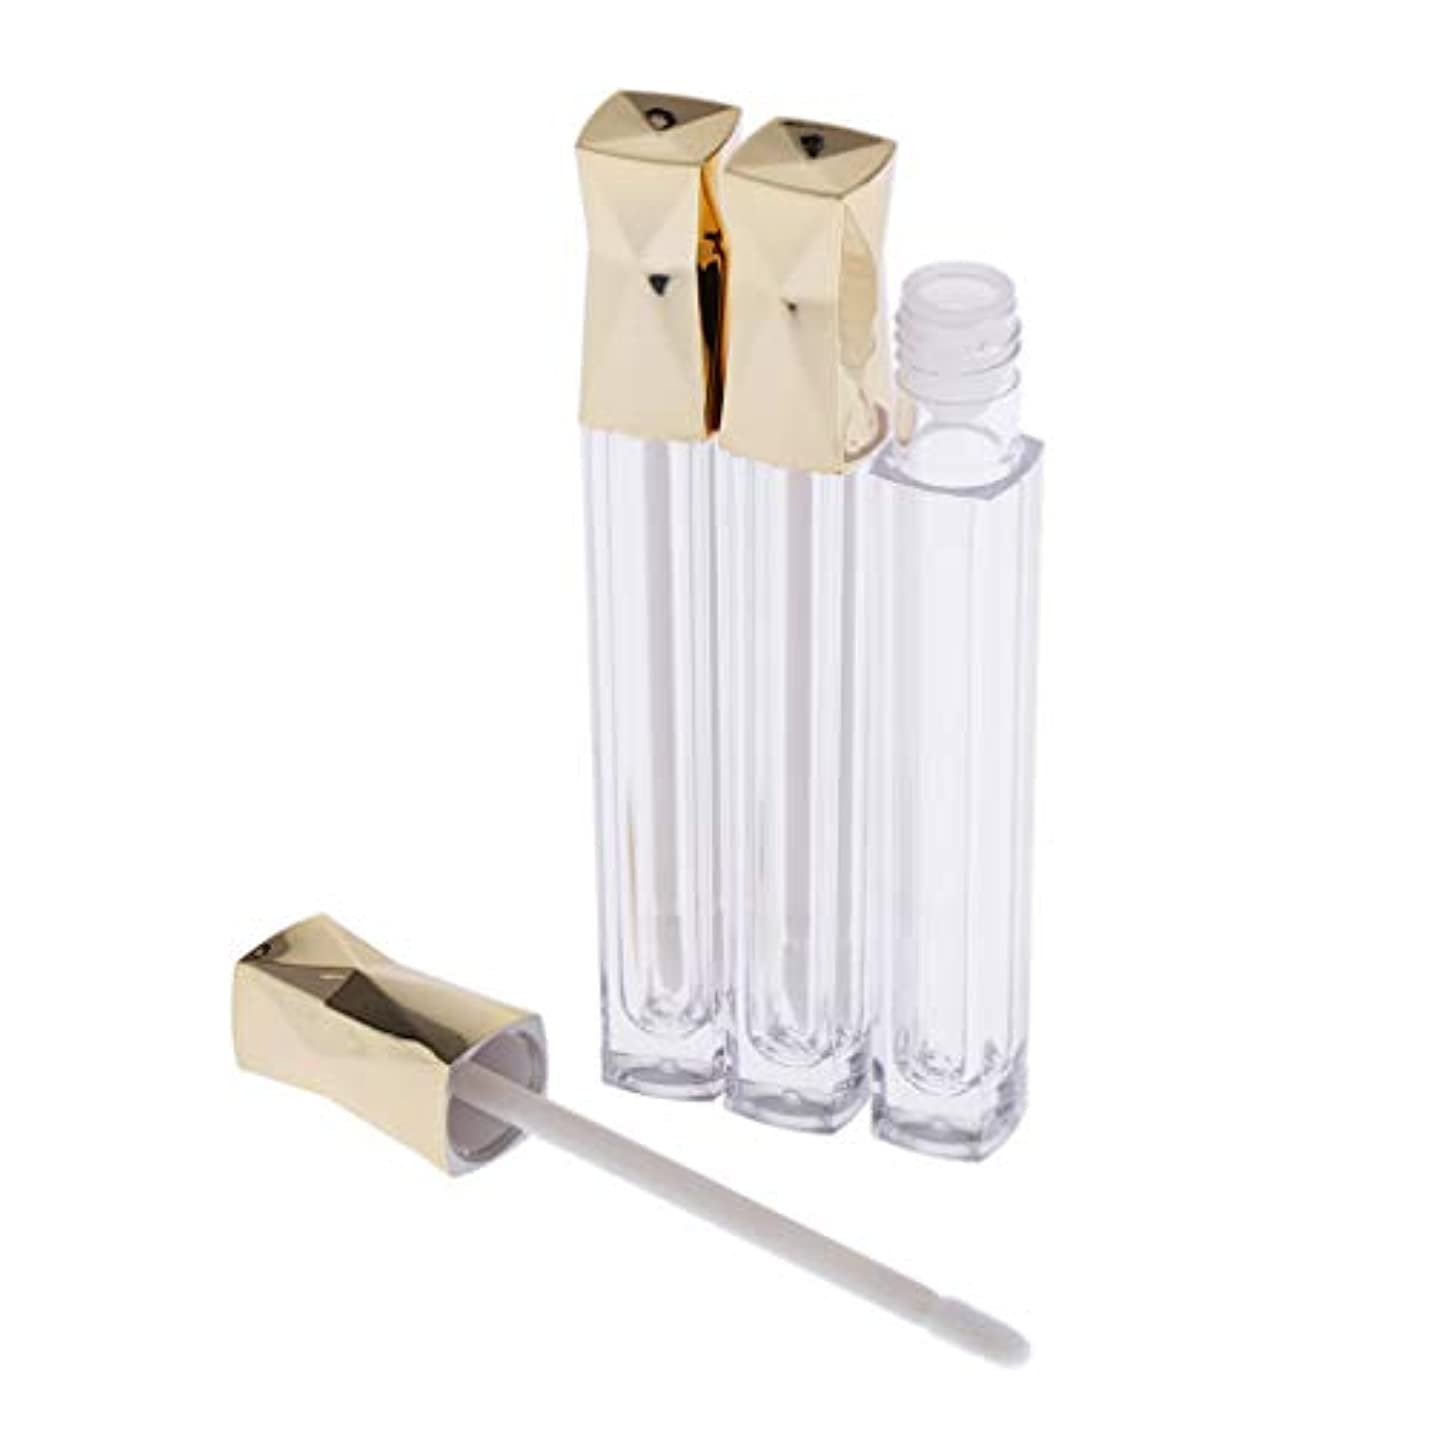 主張欠員協力するPerfeclan リップグロスチューブ 容器 リップグレーズチューブ 詰め替え口紅チューブ クリア 5ml 全2色 - ゴールデン